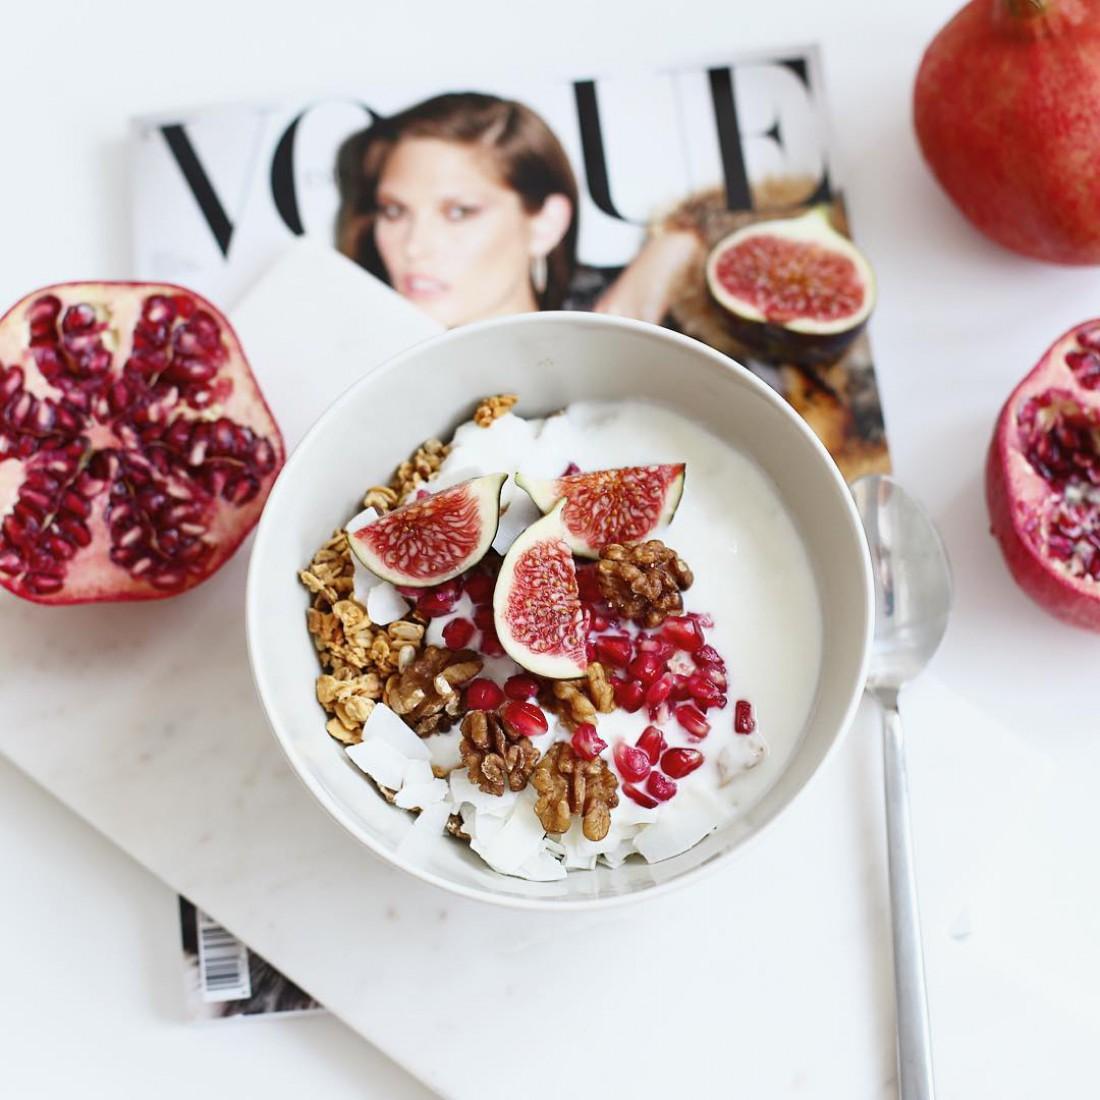 Топ-10 вариантов полезного завтрака из instagram диеты и.